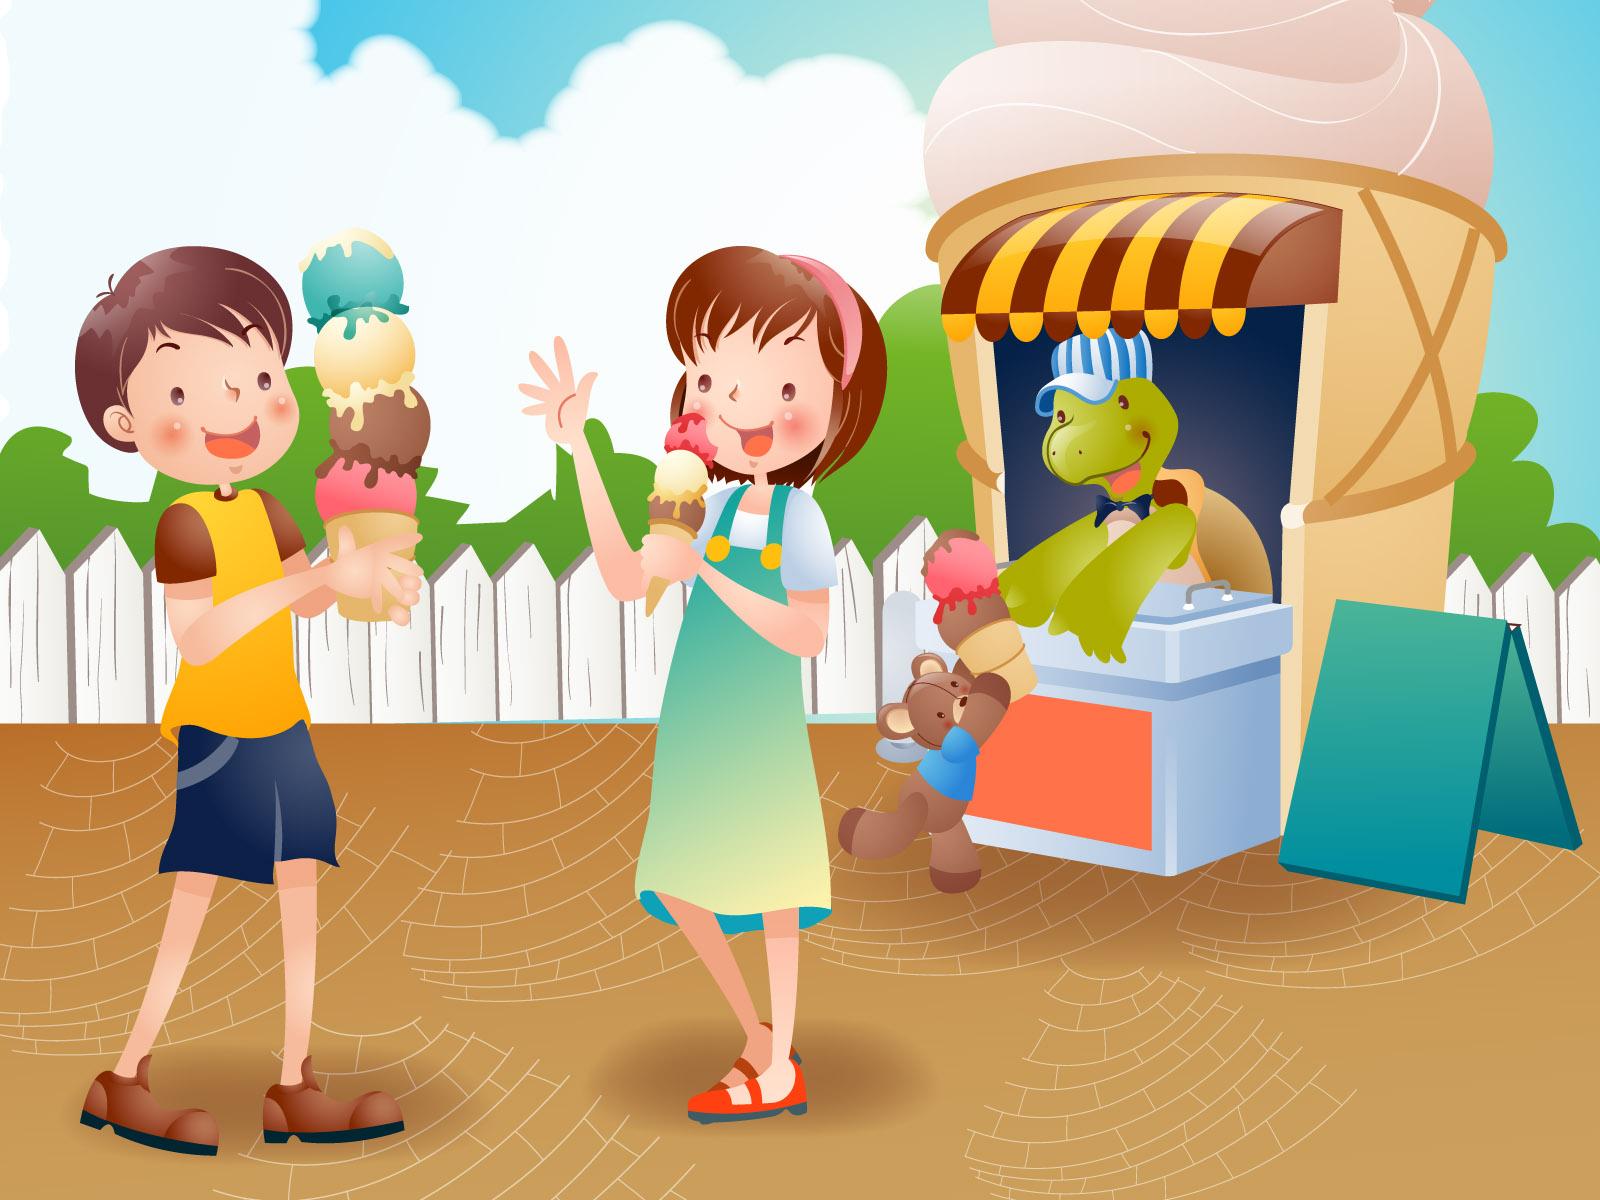 ...小学生放假时间的相关安排已公布暑假放假时间为2014年7月...